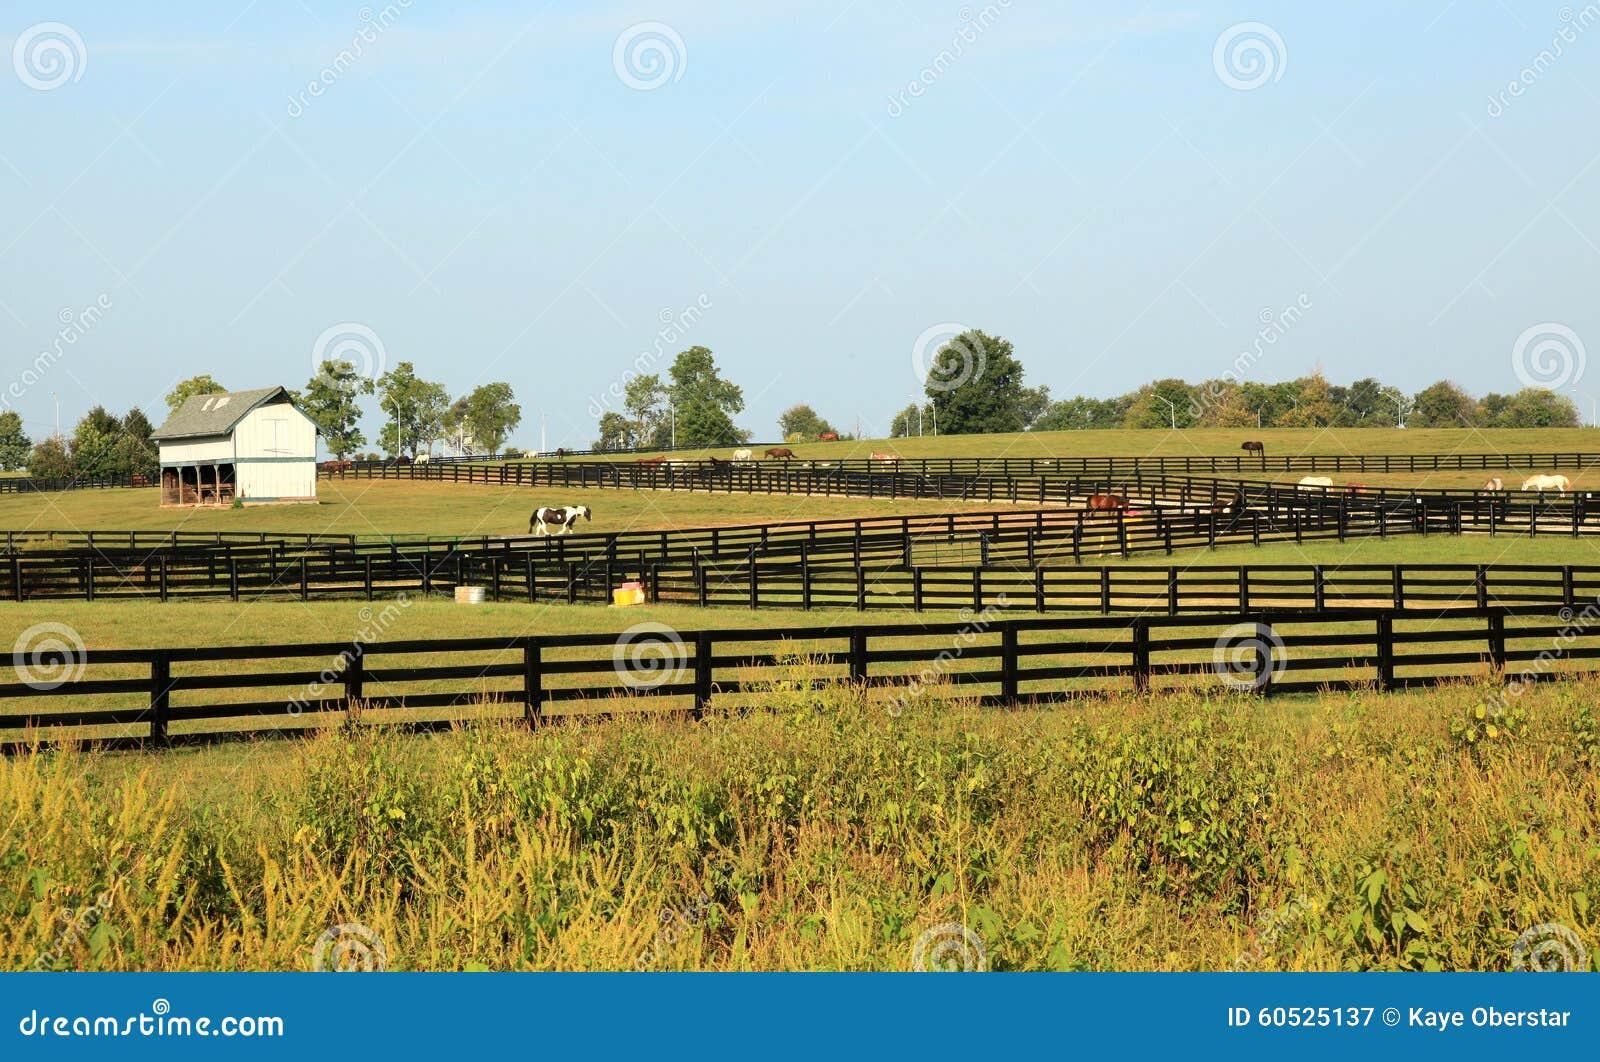 kentucky horse park business plan